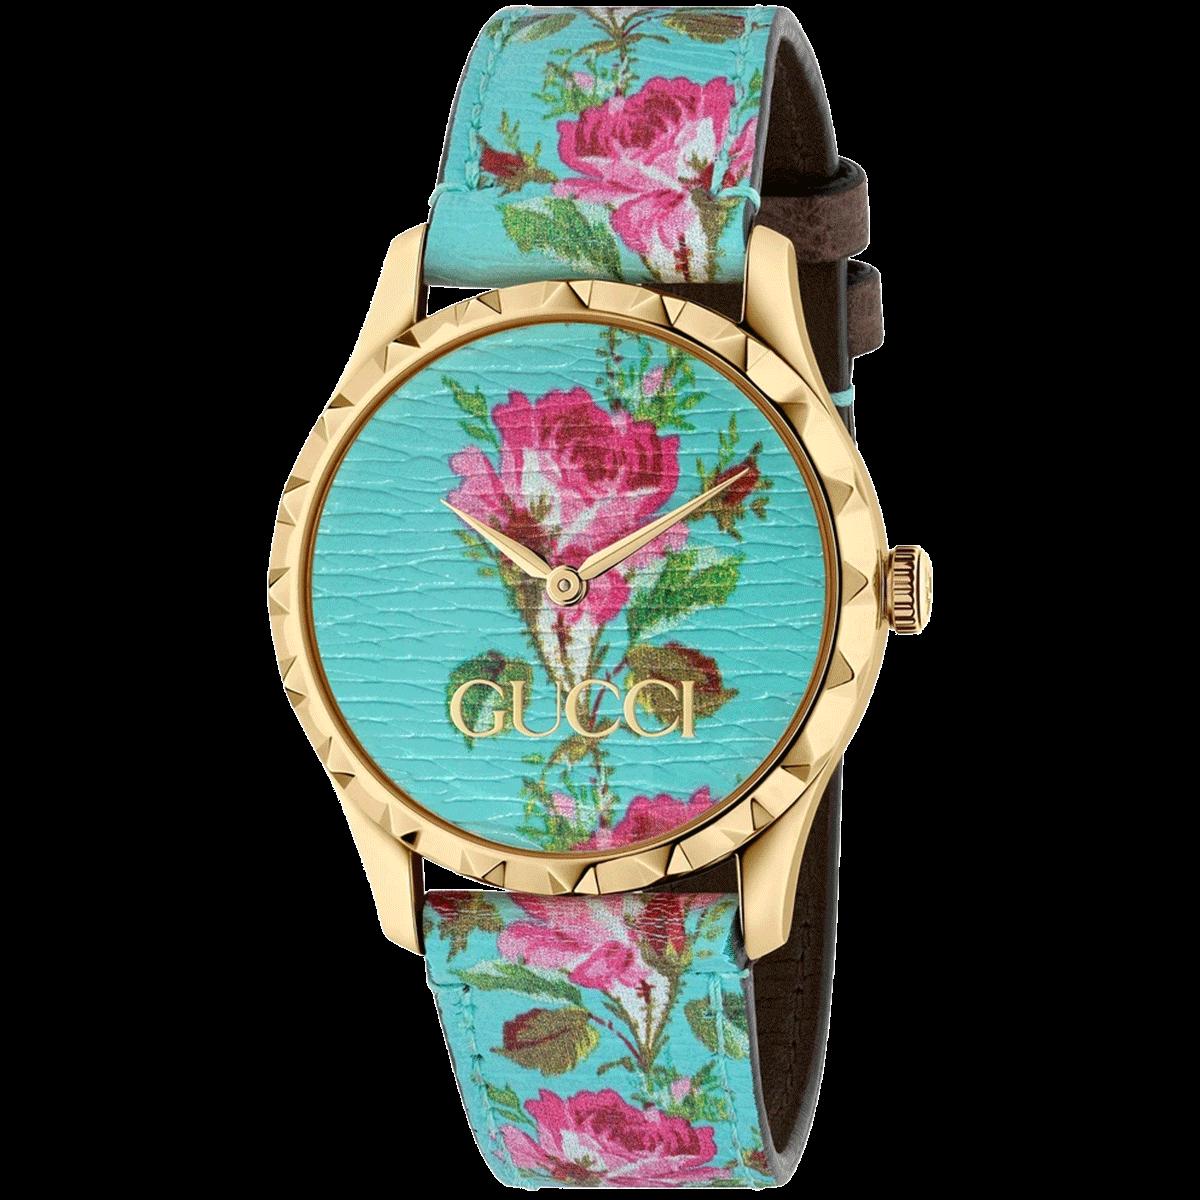 Đồng hồ Gucci chính hãng